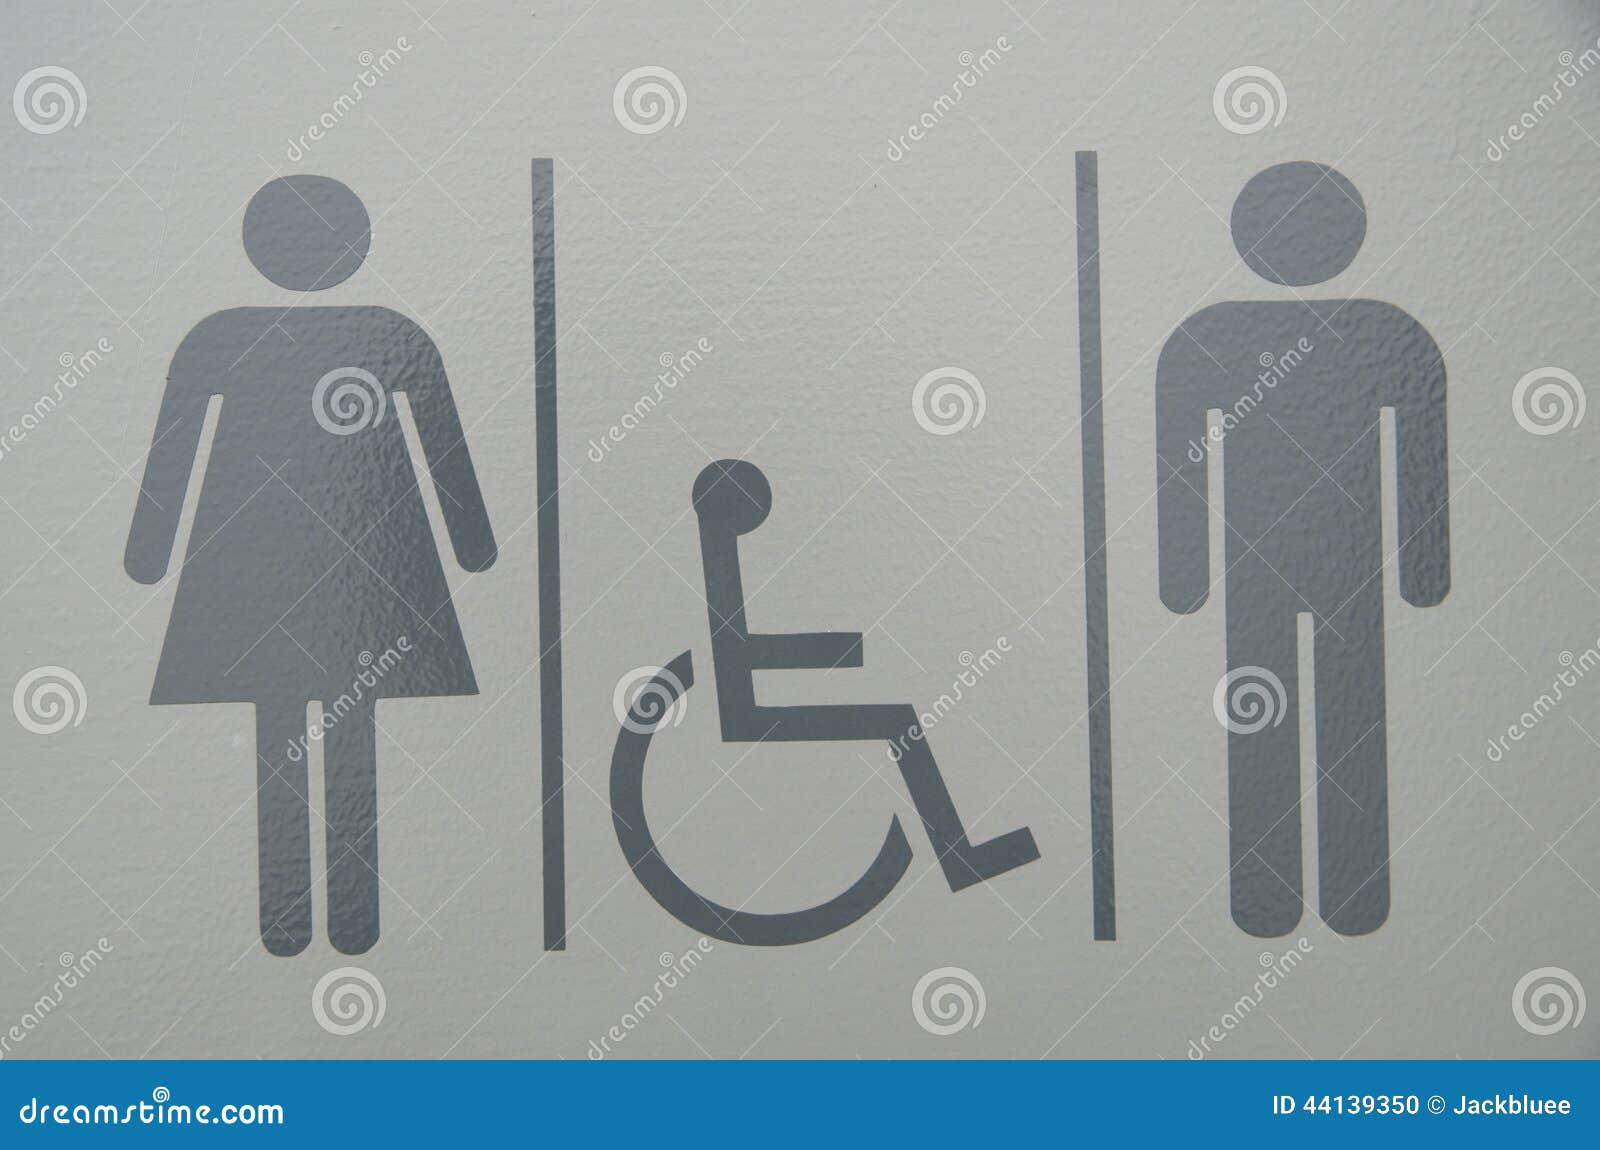 Unisex Handicap Bathroom Sign Stock Photo Image Of Simple - Unisex handicap bathroom sign